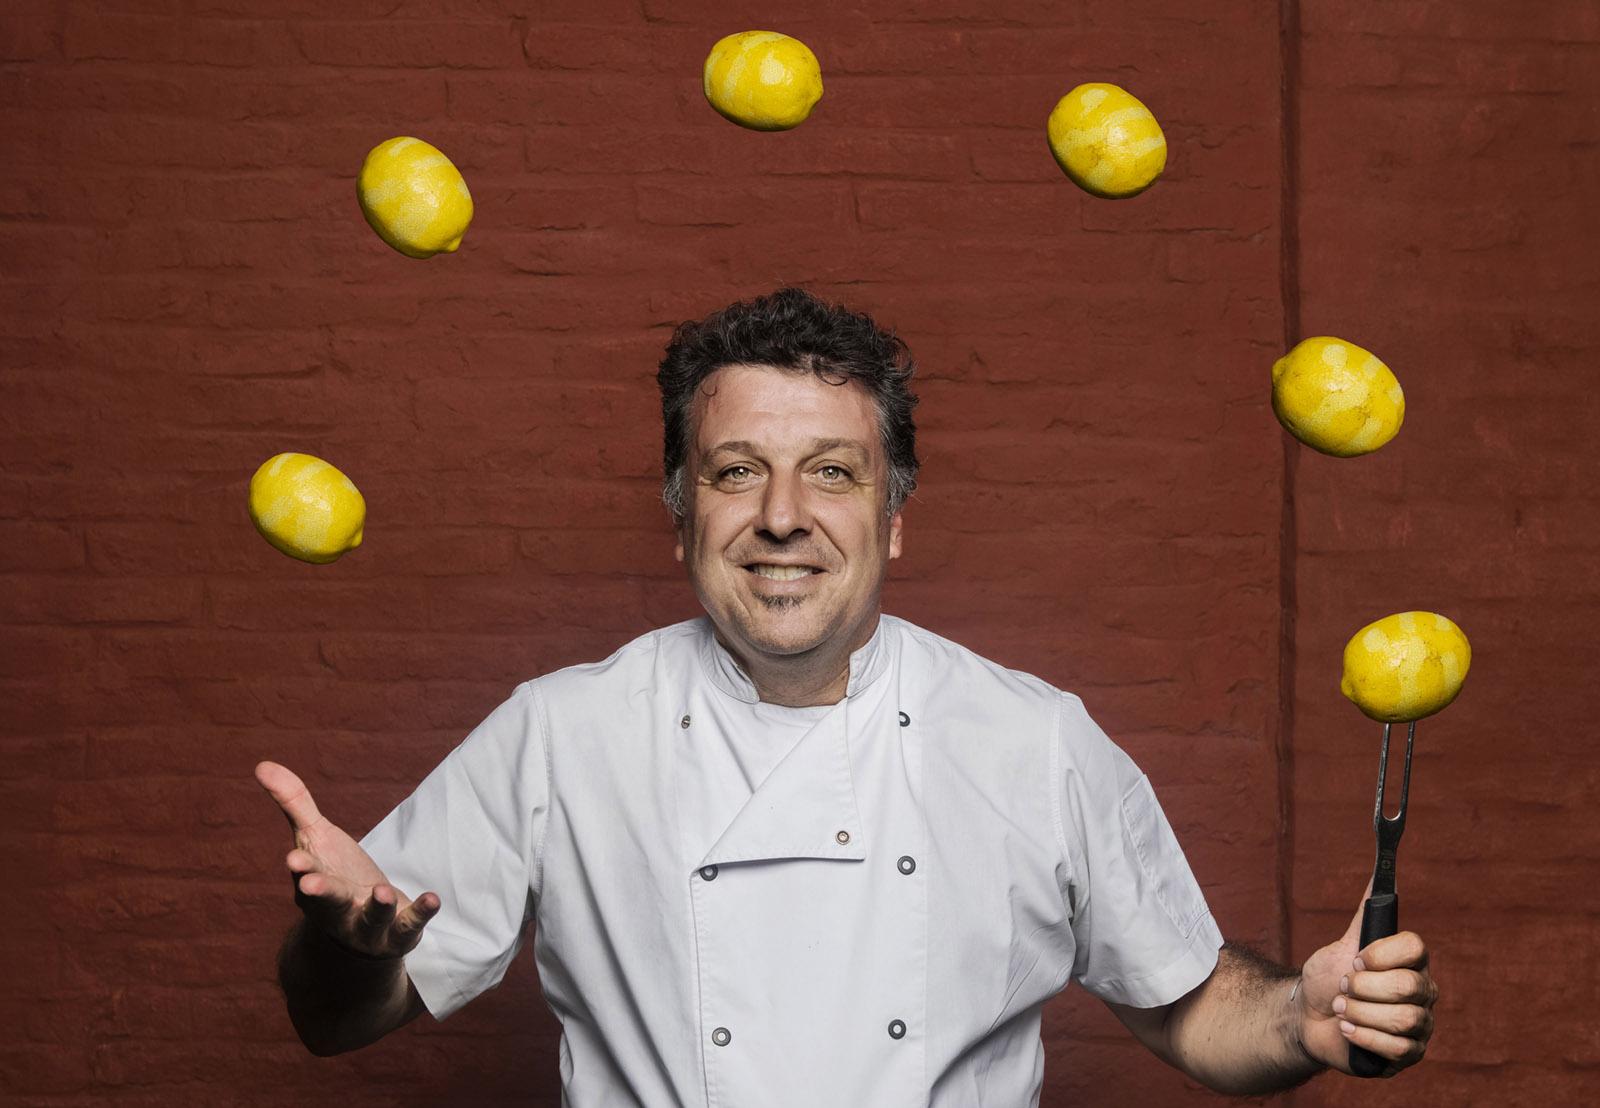 Pablo-Buzzo-Chef-05.jpg